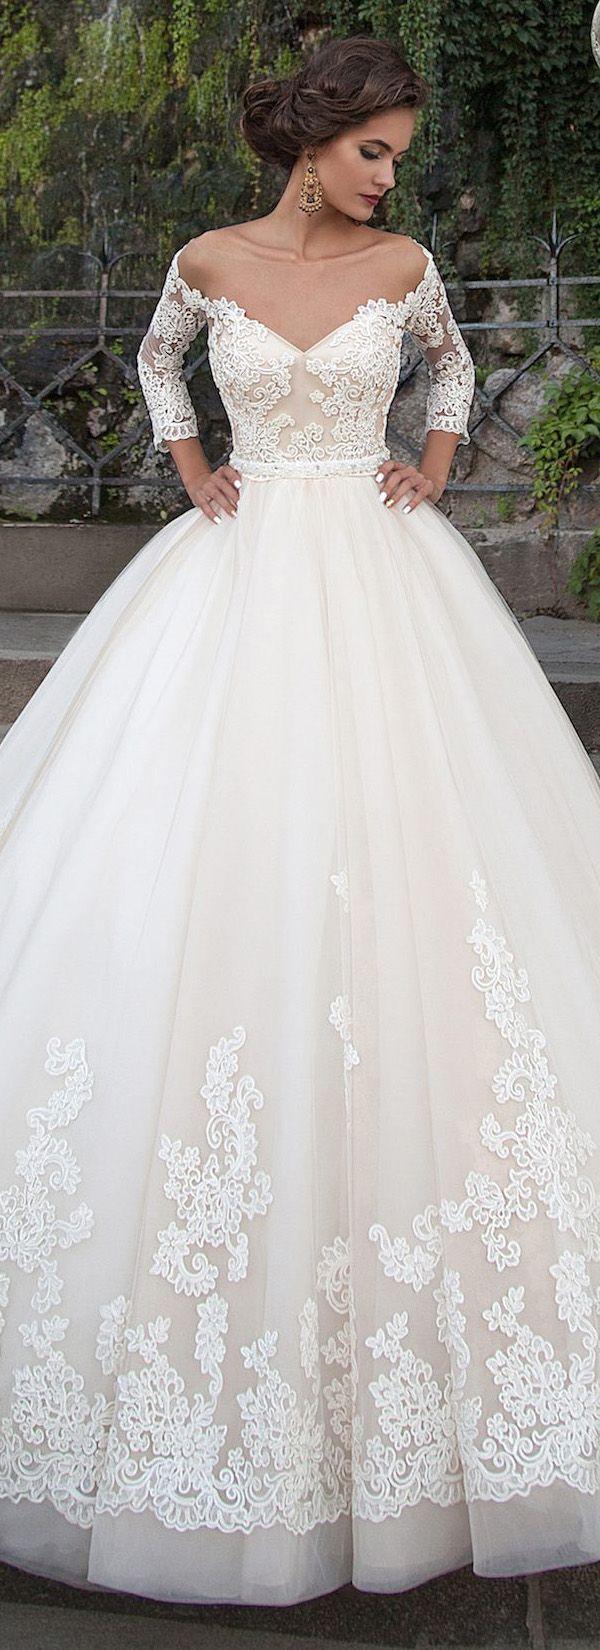 2017 a-line off shoulder wedding dresses